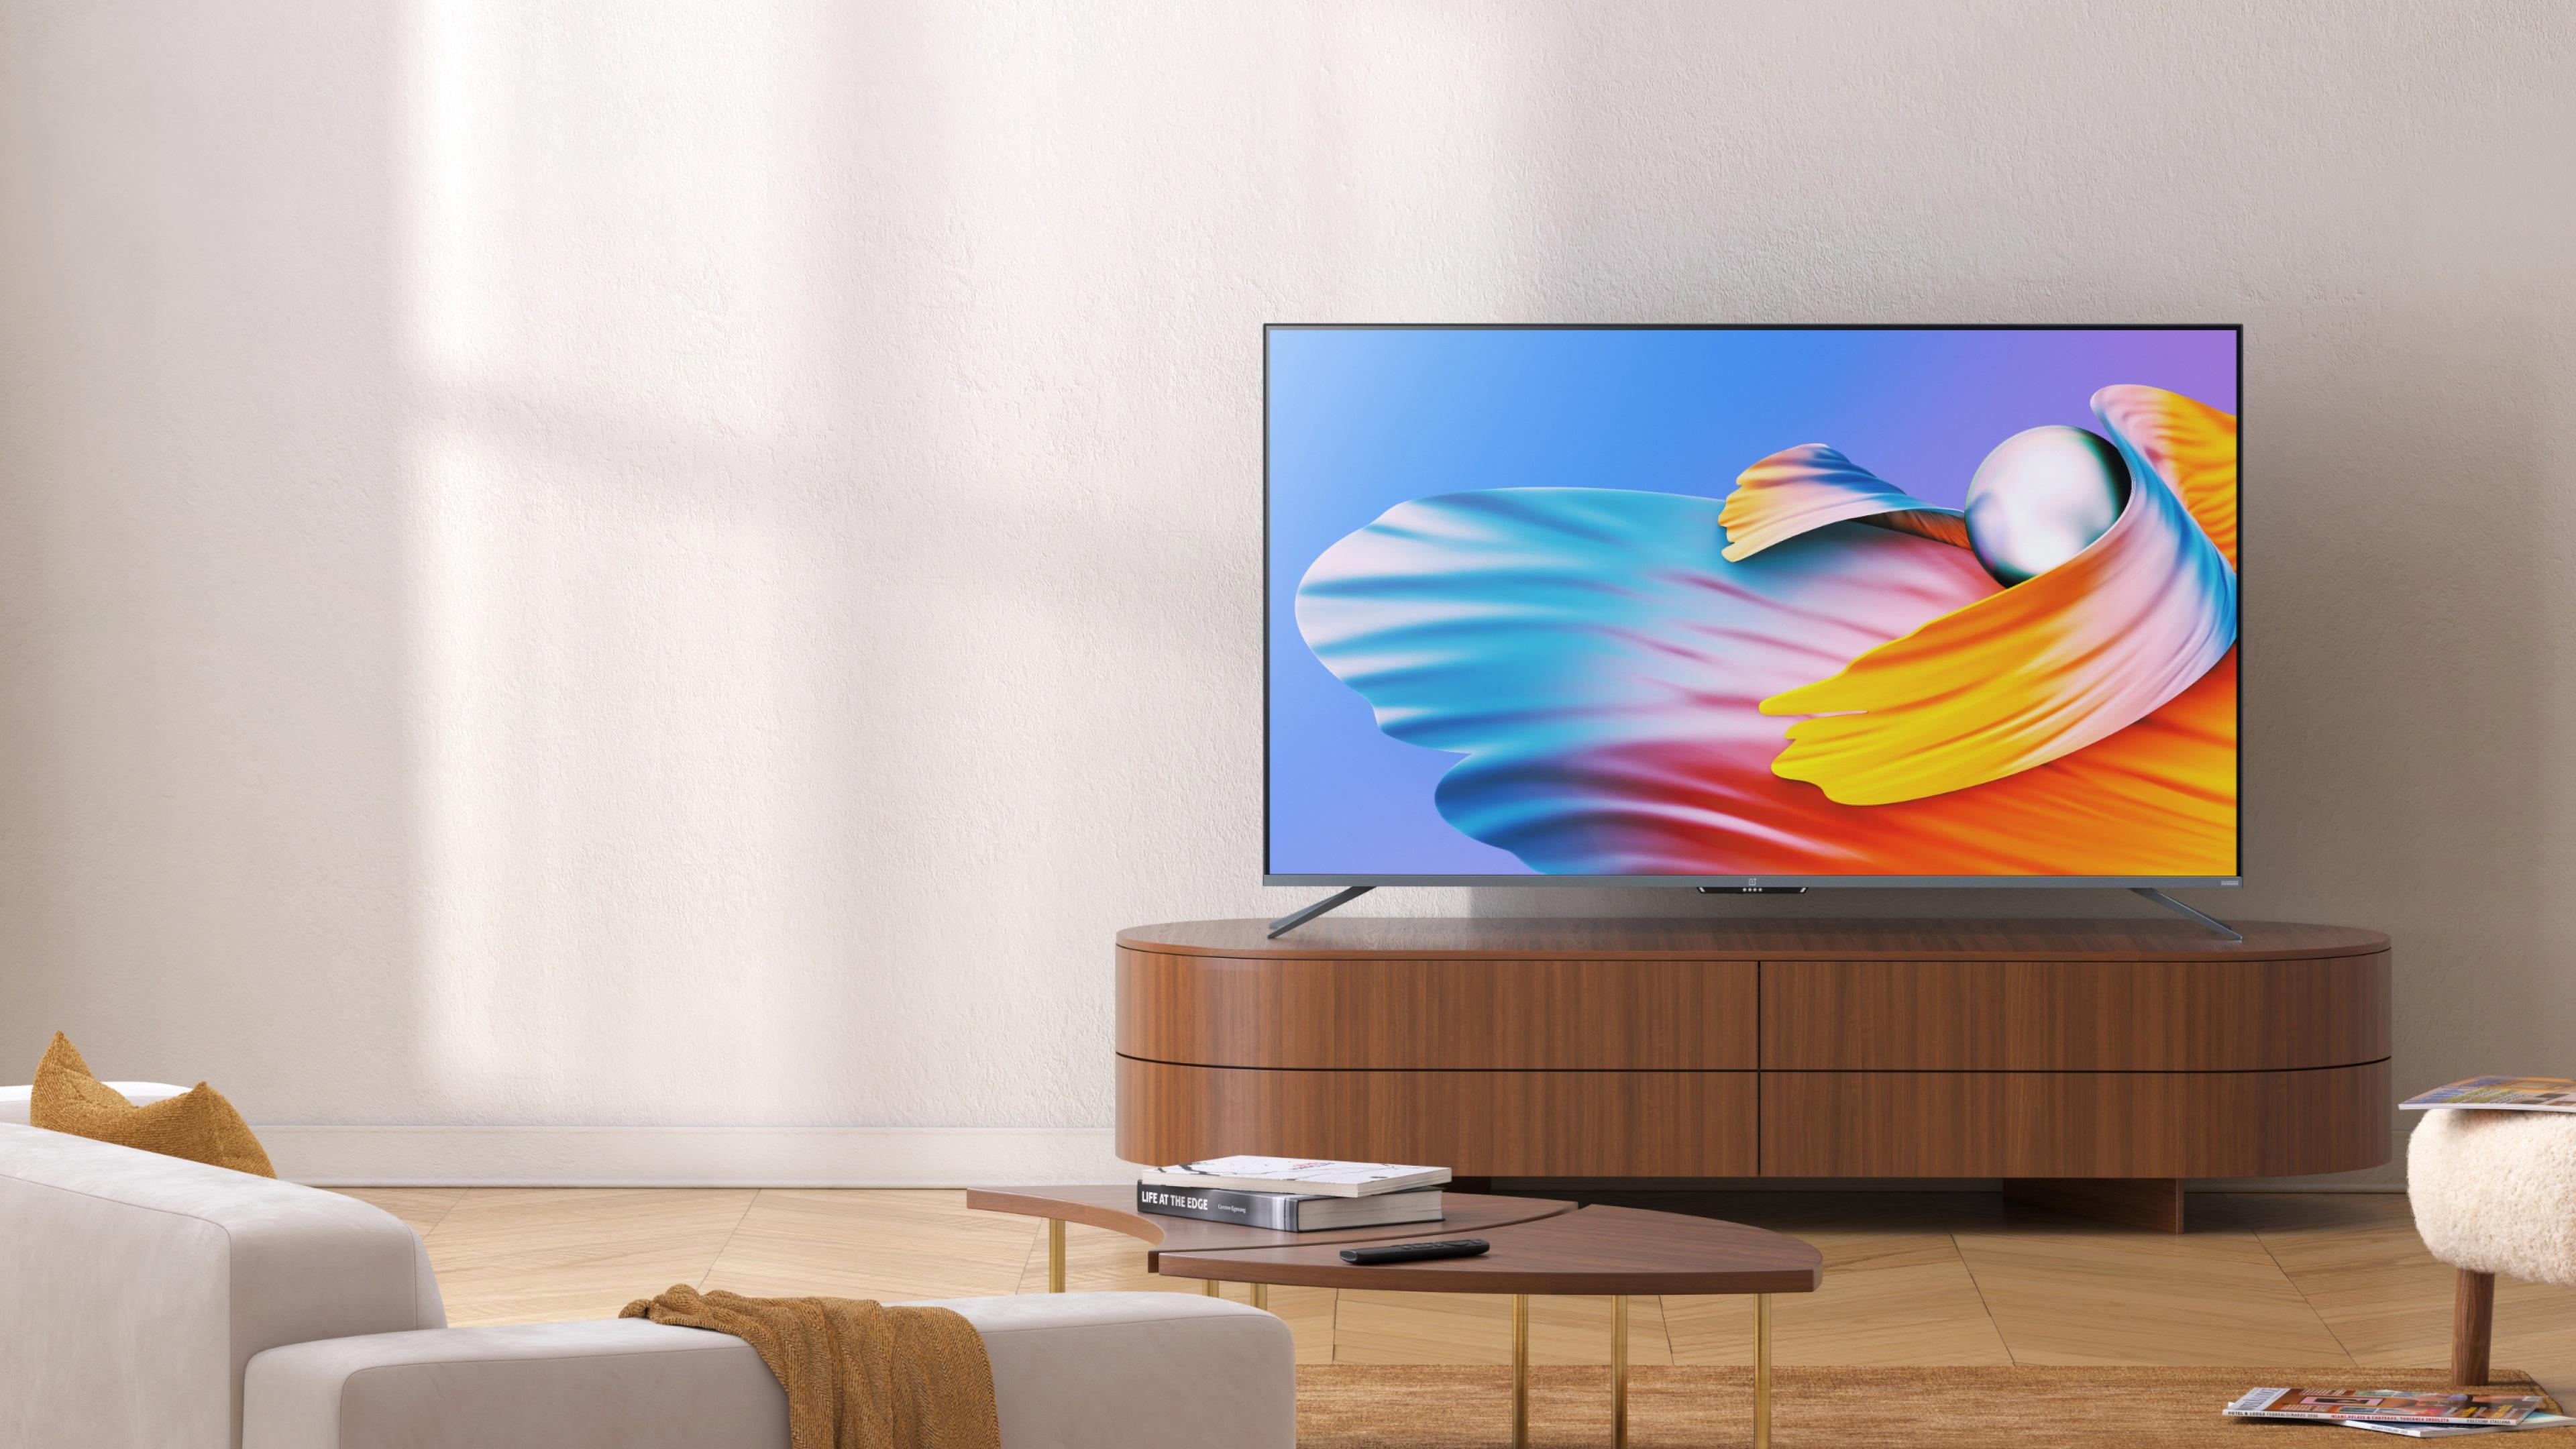 telewizor OnePlus TV U1S (źródło OnePlus)